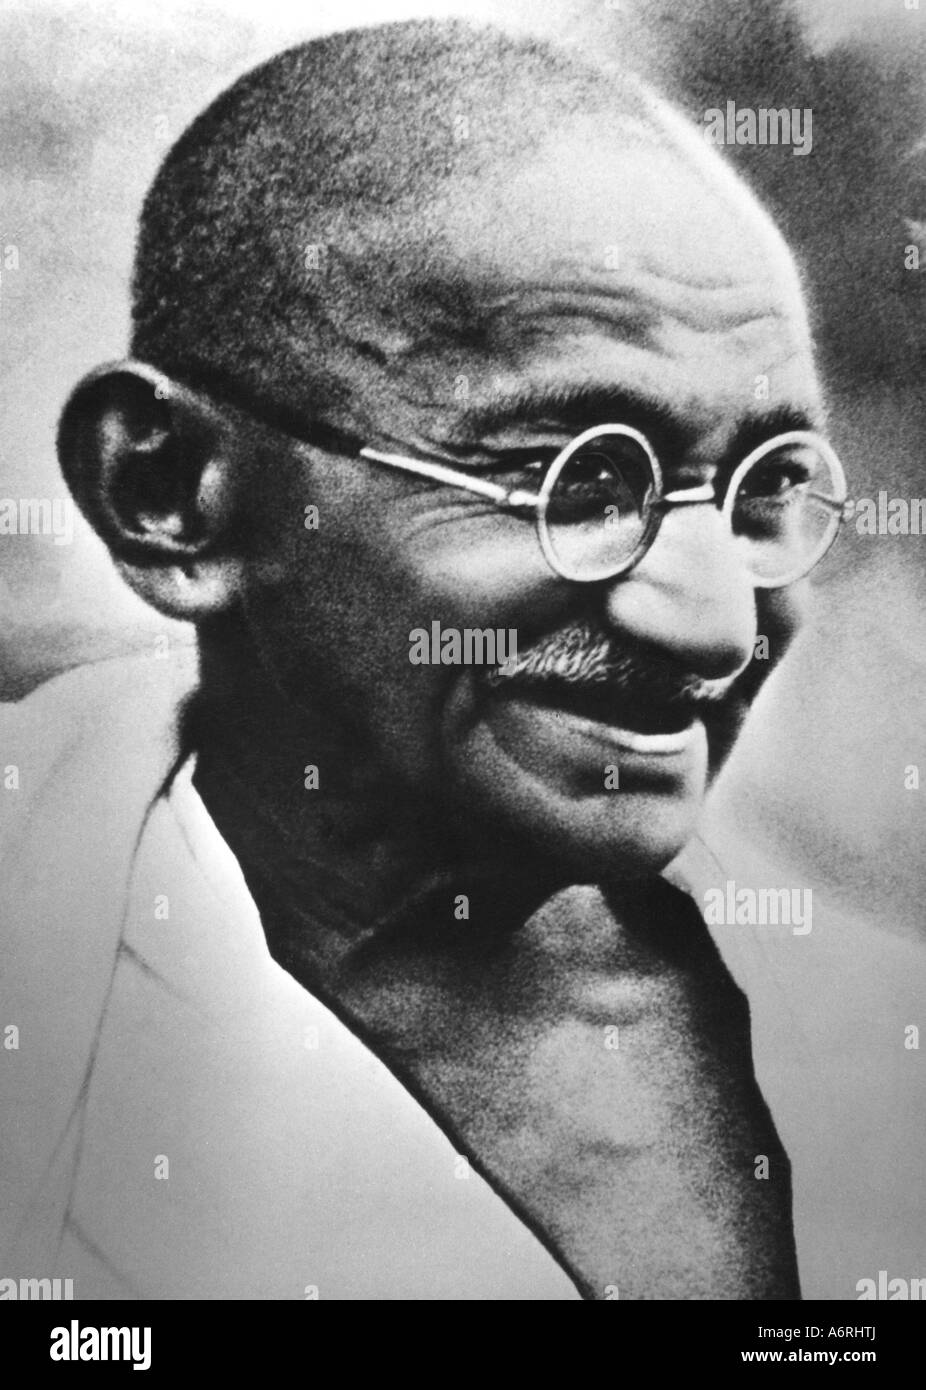 , Gandhi Mohandas Karamchand, chiamato mahatma, 2.10.1869 - 30.1.1948, uomo politico indiano, ritratto, del 1940 Immagini Stock